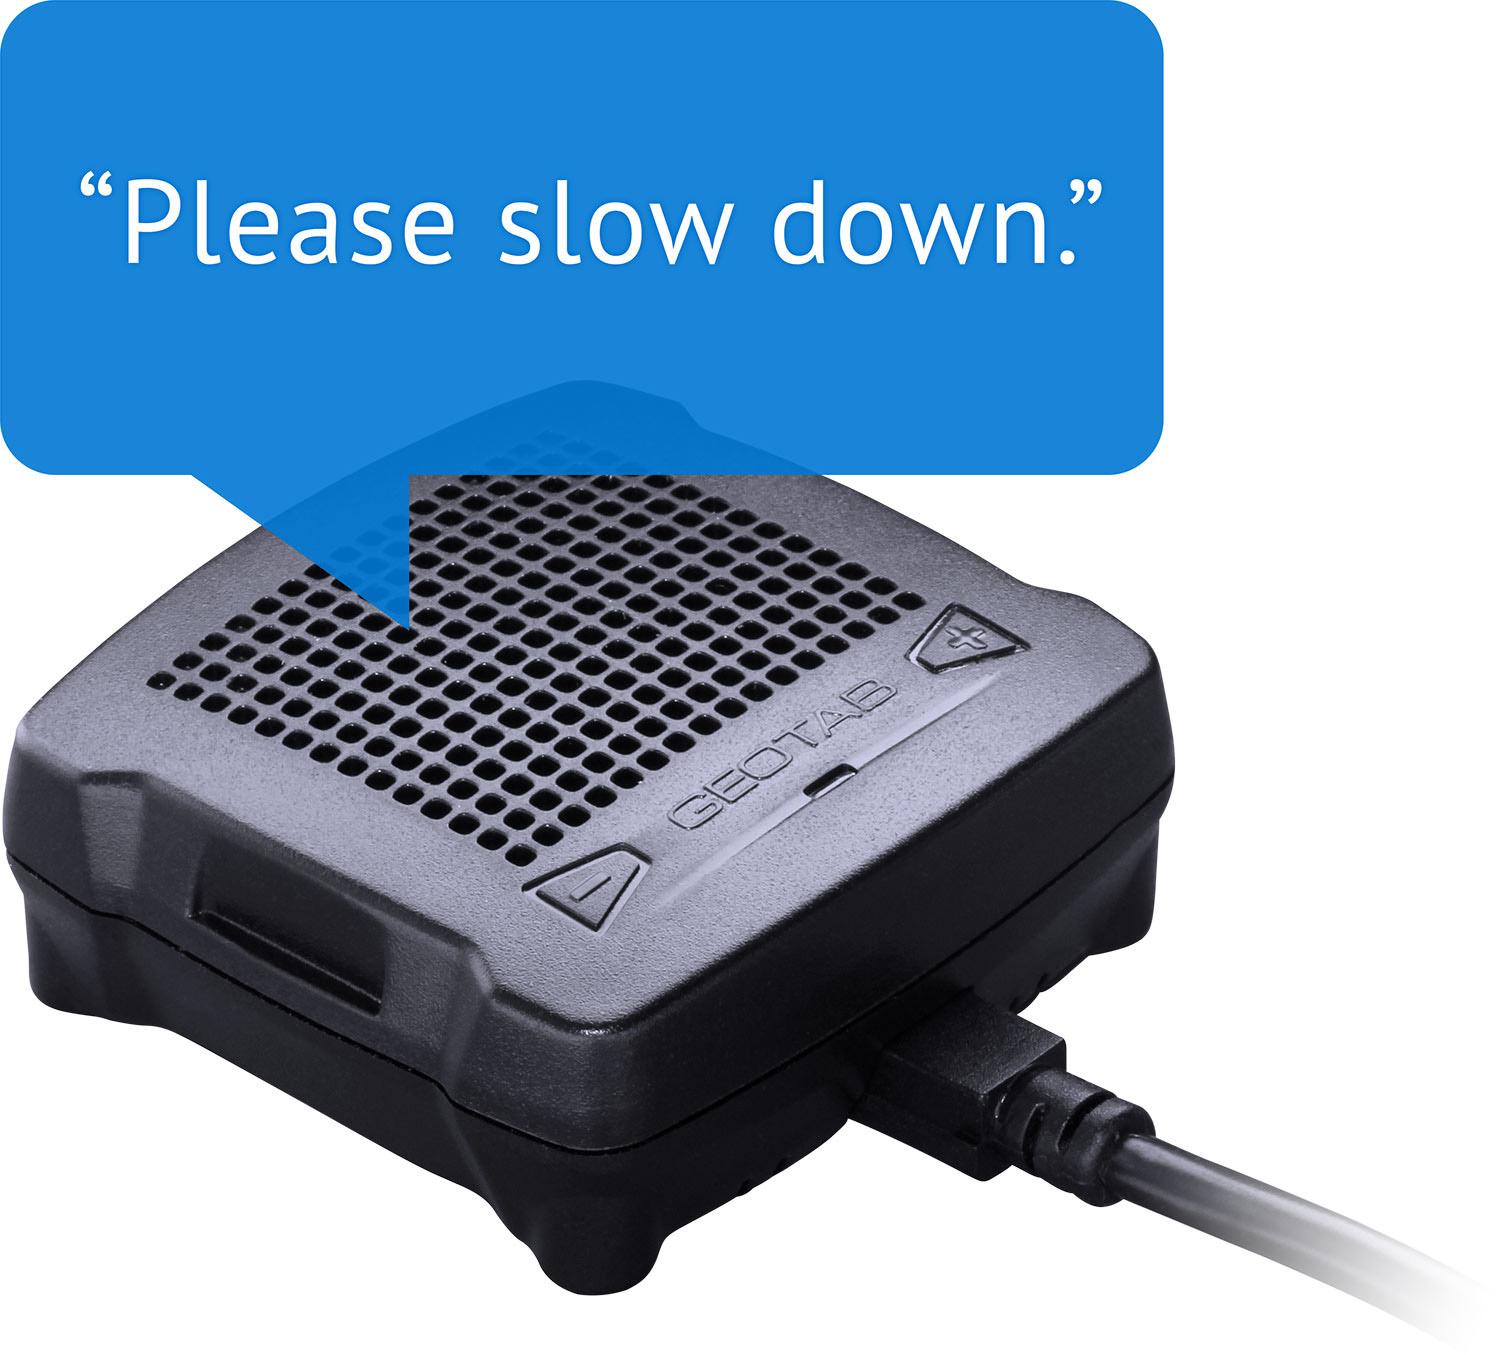 """GO talk driver feedback saying, """"Please slow down."""""""